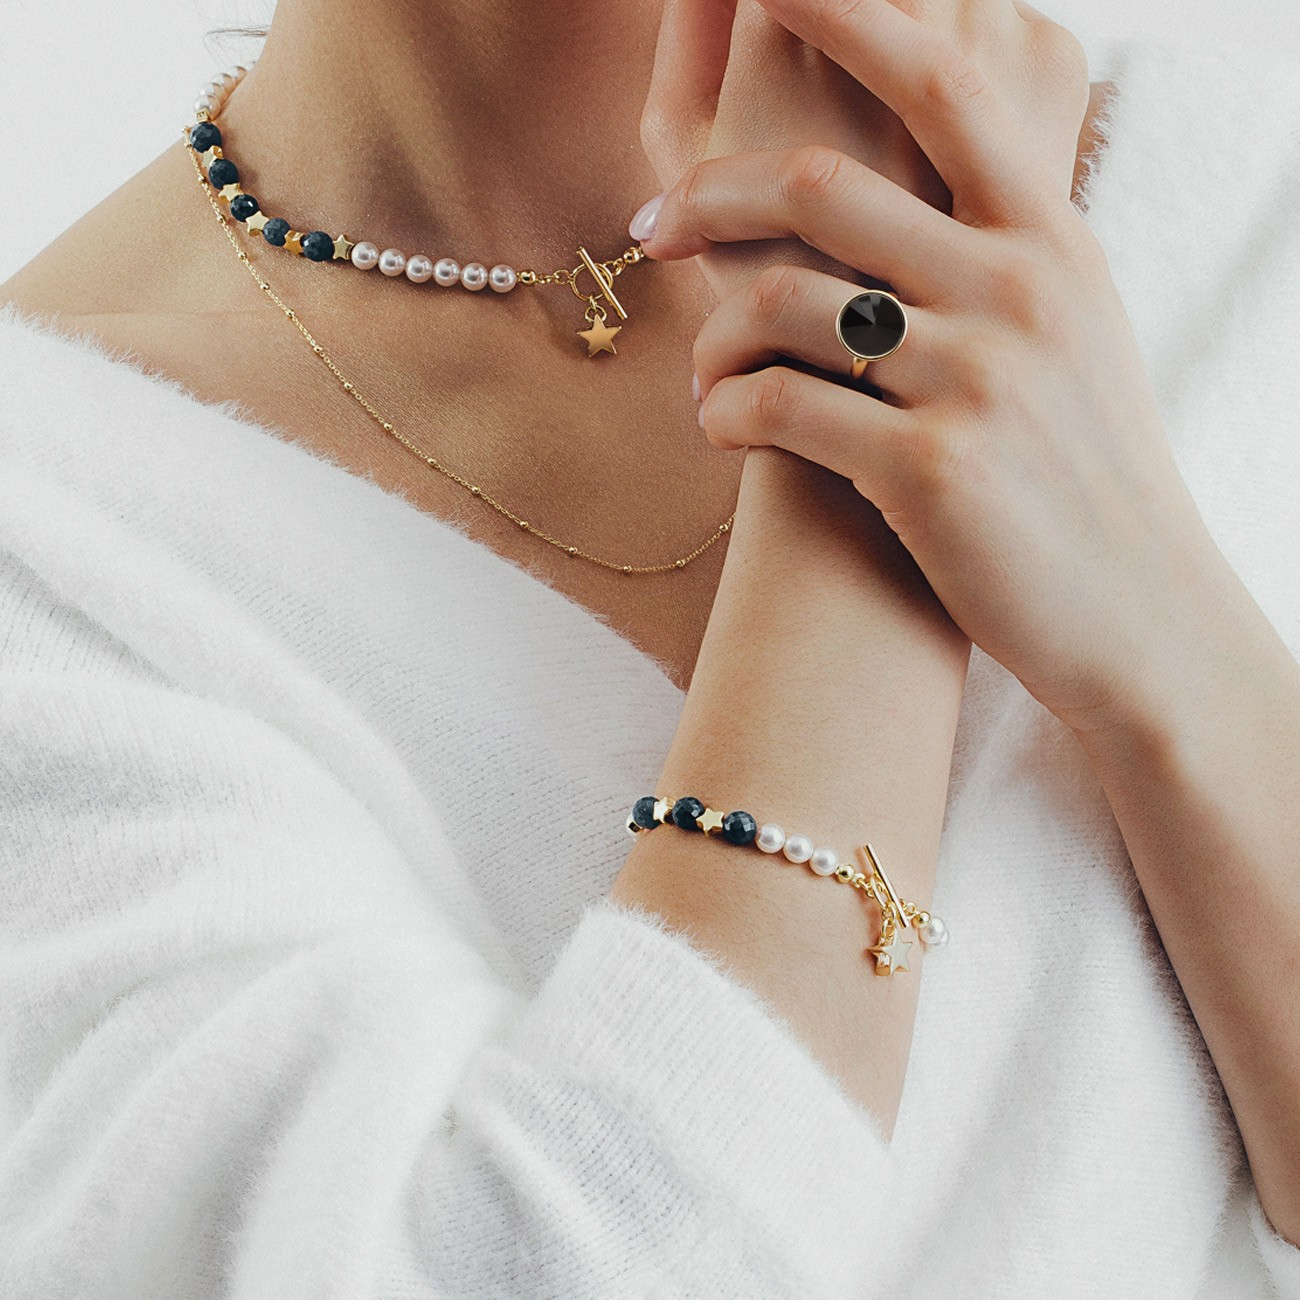 Szafirowa bransoletka z perłami i gwiazdkami, srebro 925